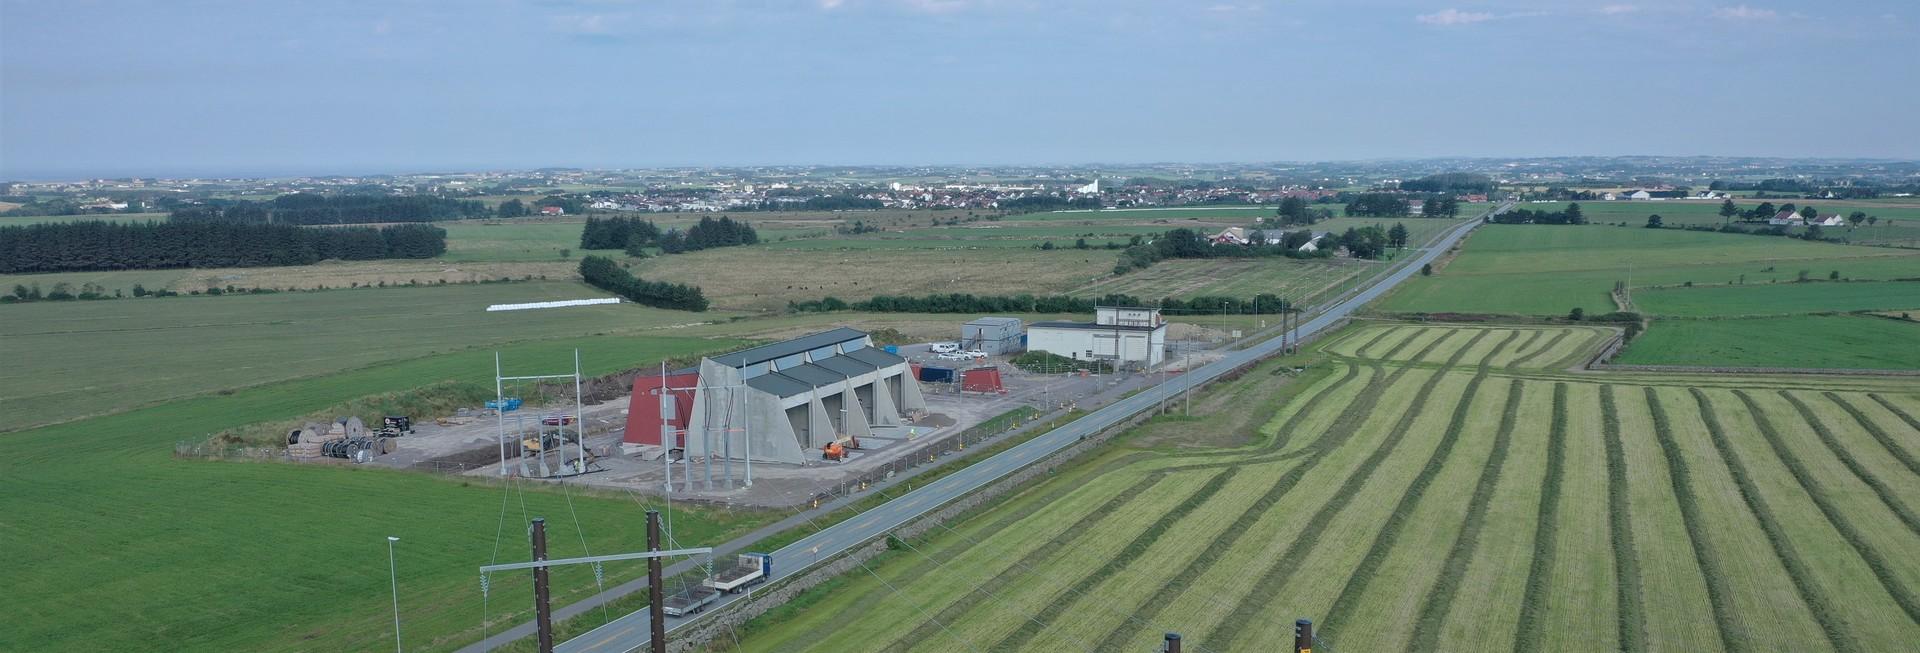 Nye Opstad transformatorstasjon med framside i grå betong, sett fra luften med grønne marker omkring. Gårder og boliger i bakgrunnen.